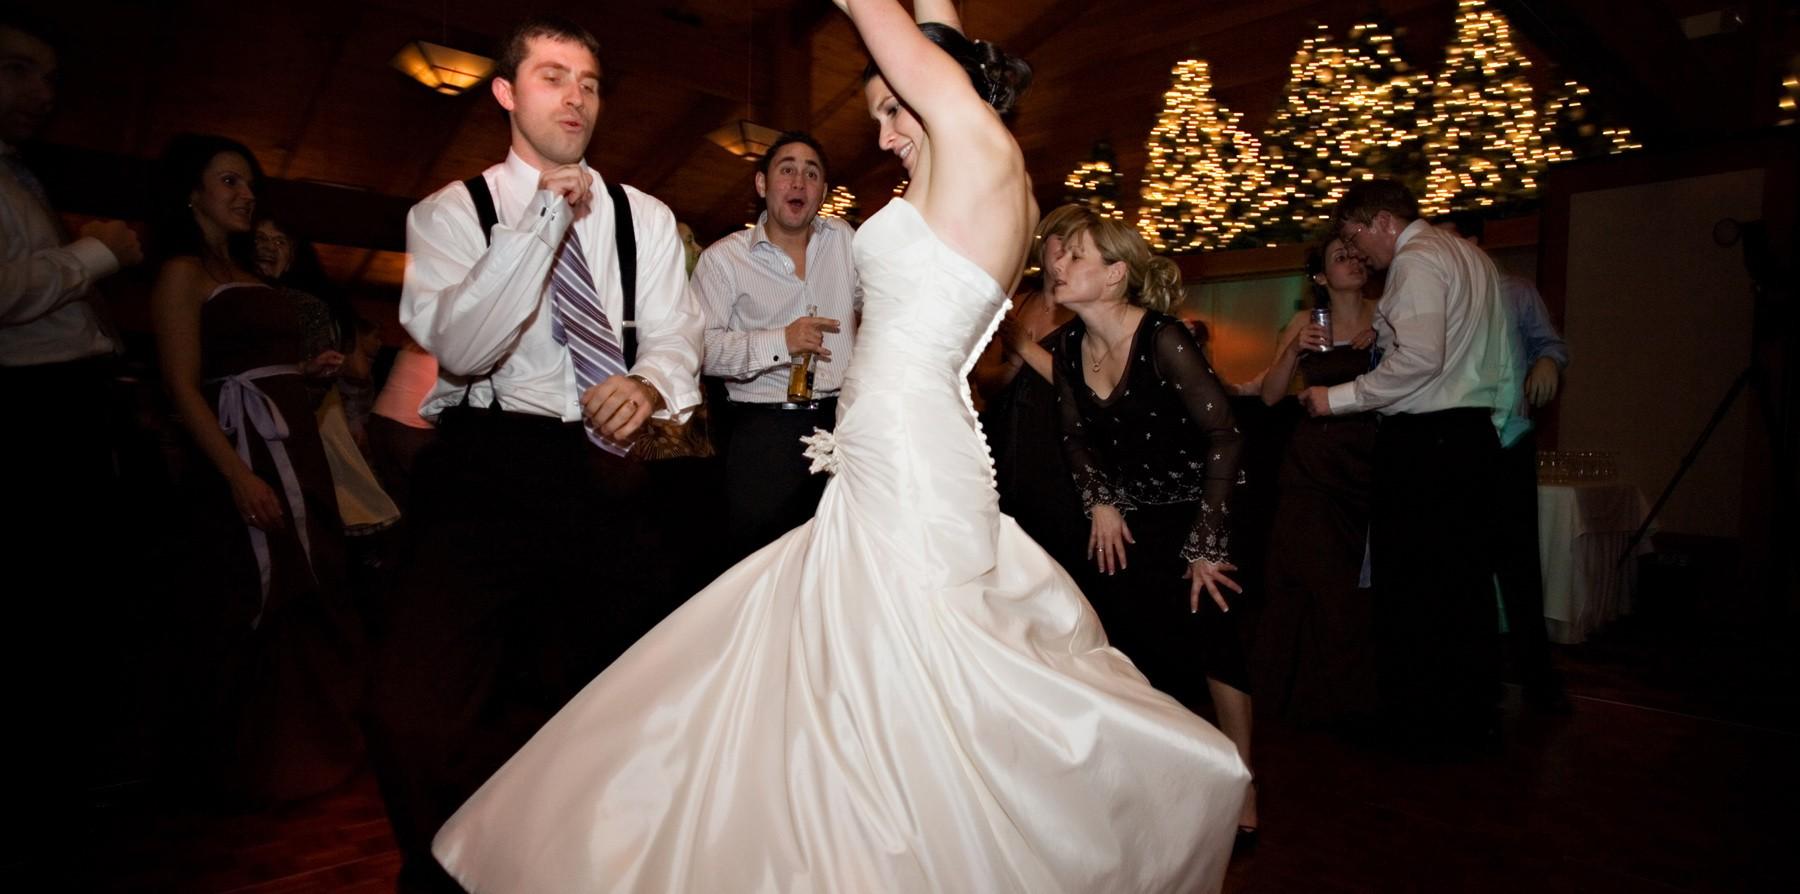 كيف ترقص العروس في حفلة زفافها